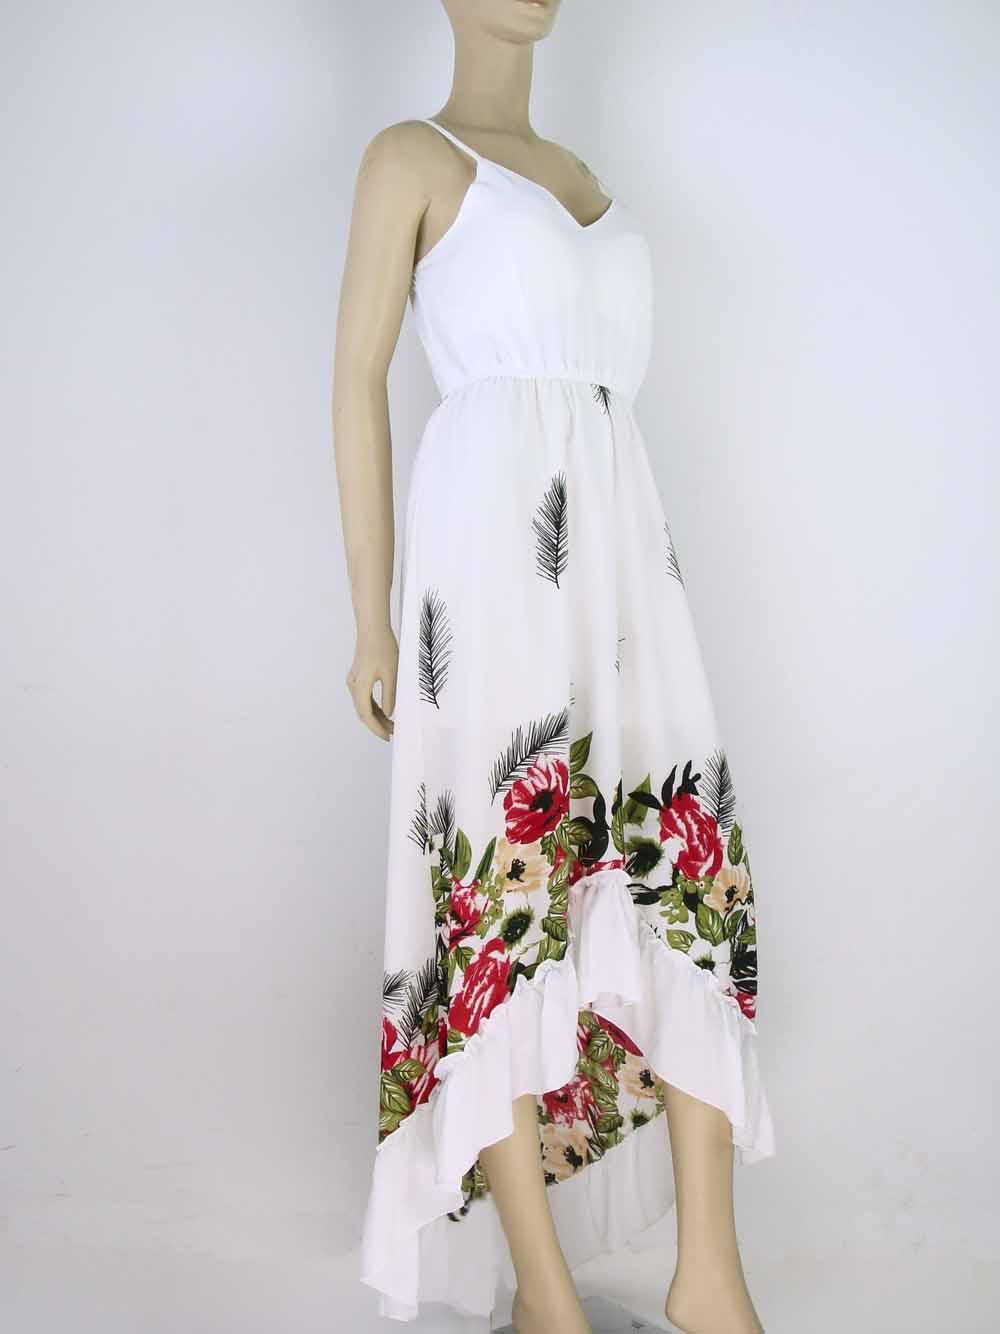 5e3522476 Next. 1; 2; 3. Click to enlarge. 1; 2; 3. Vestido Longo Crepe Estampa  Floral Babado ...